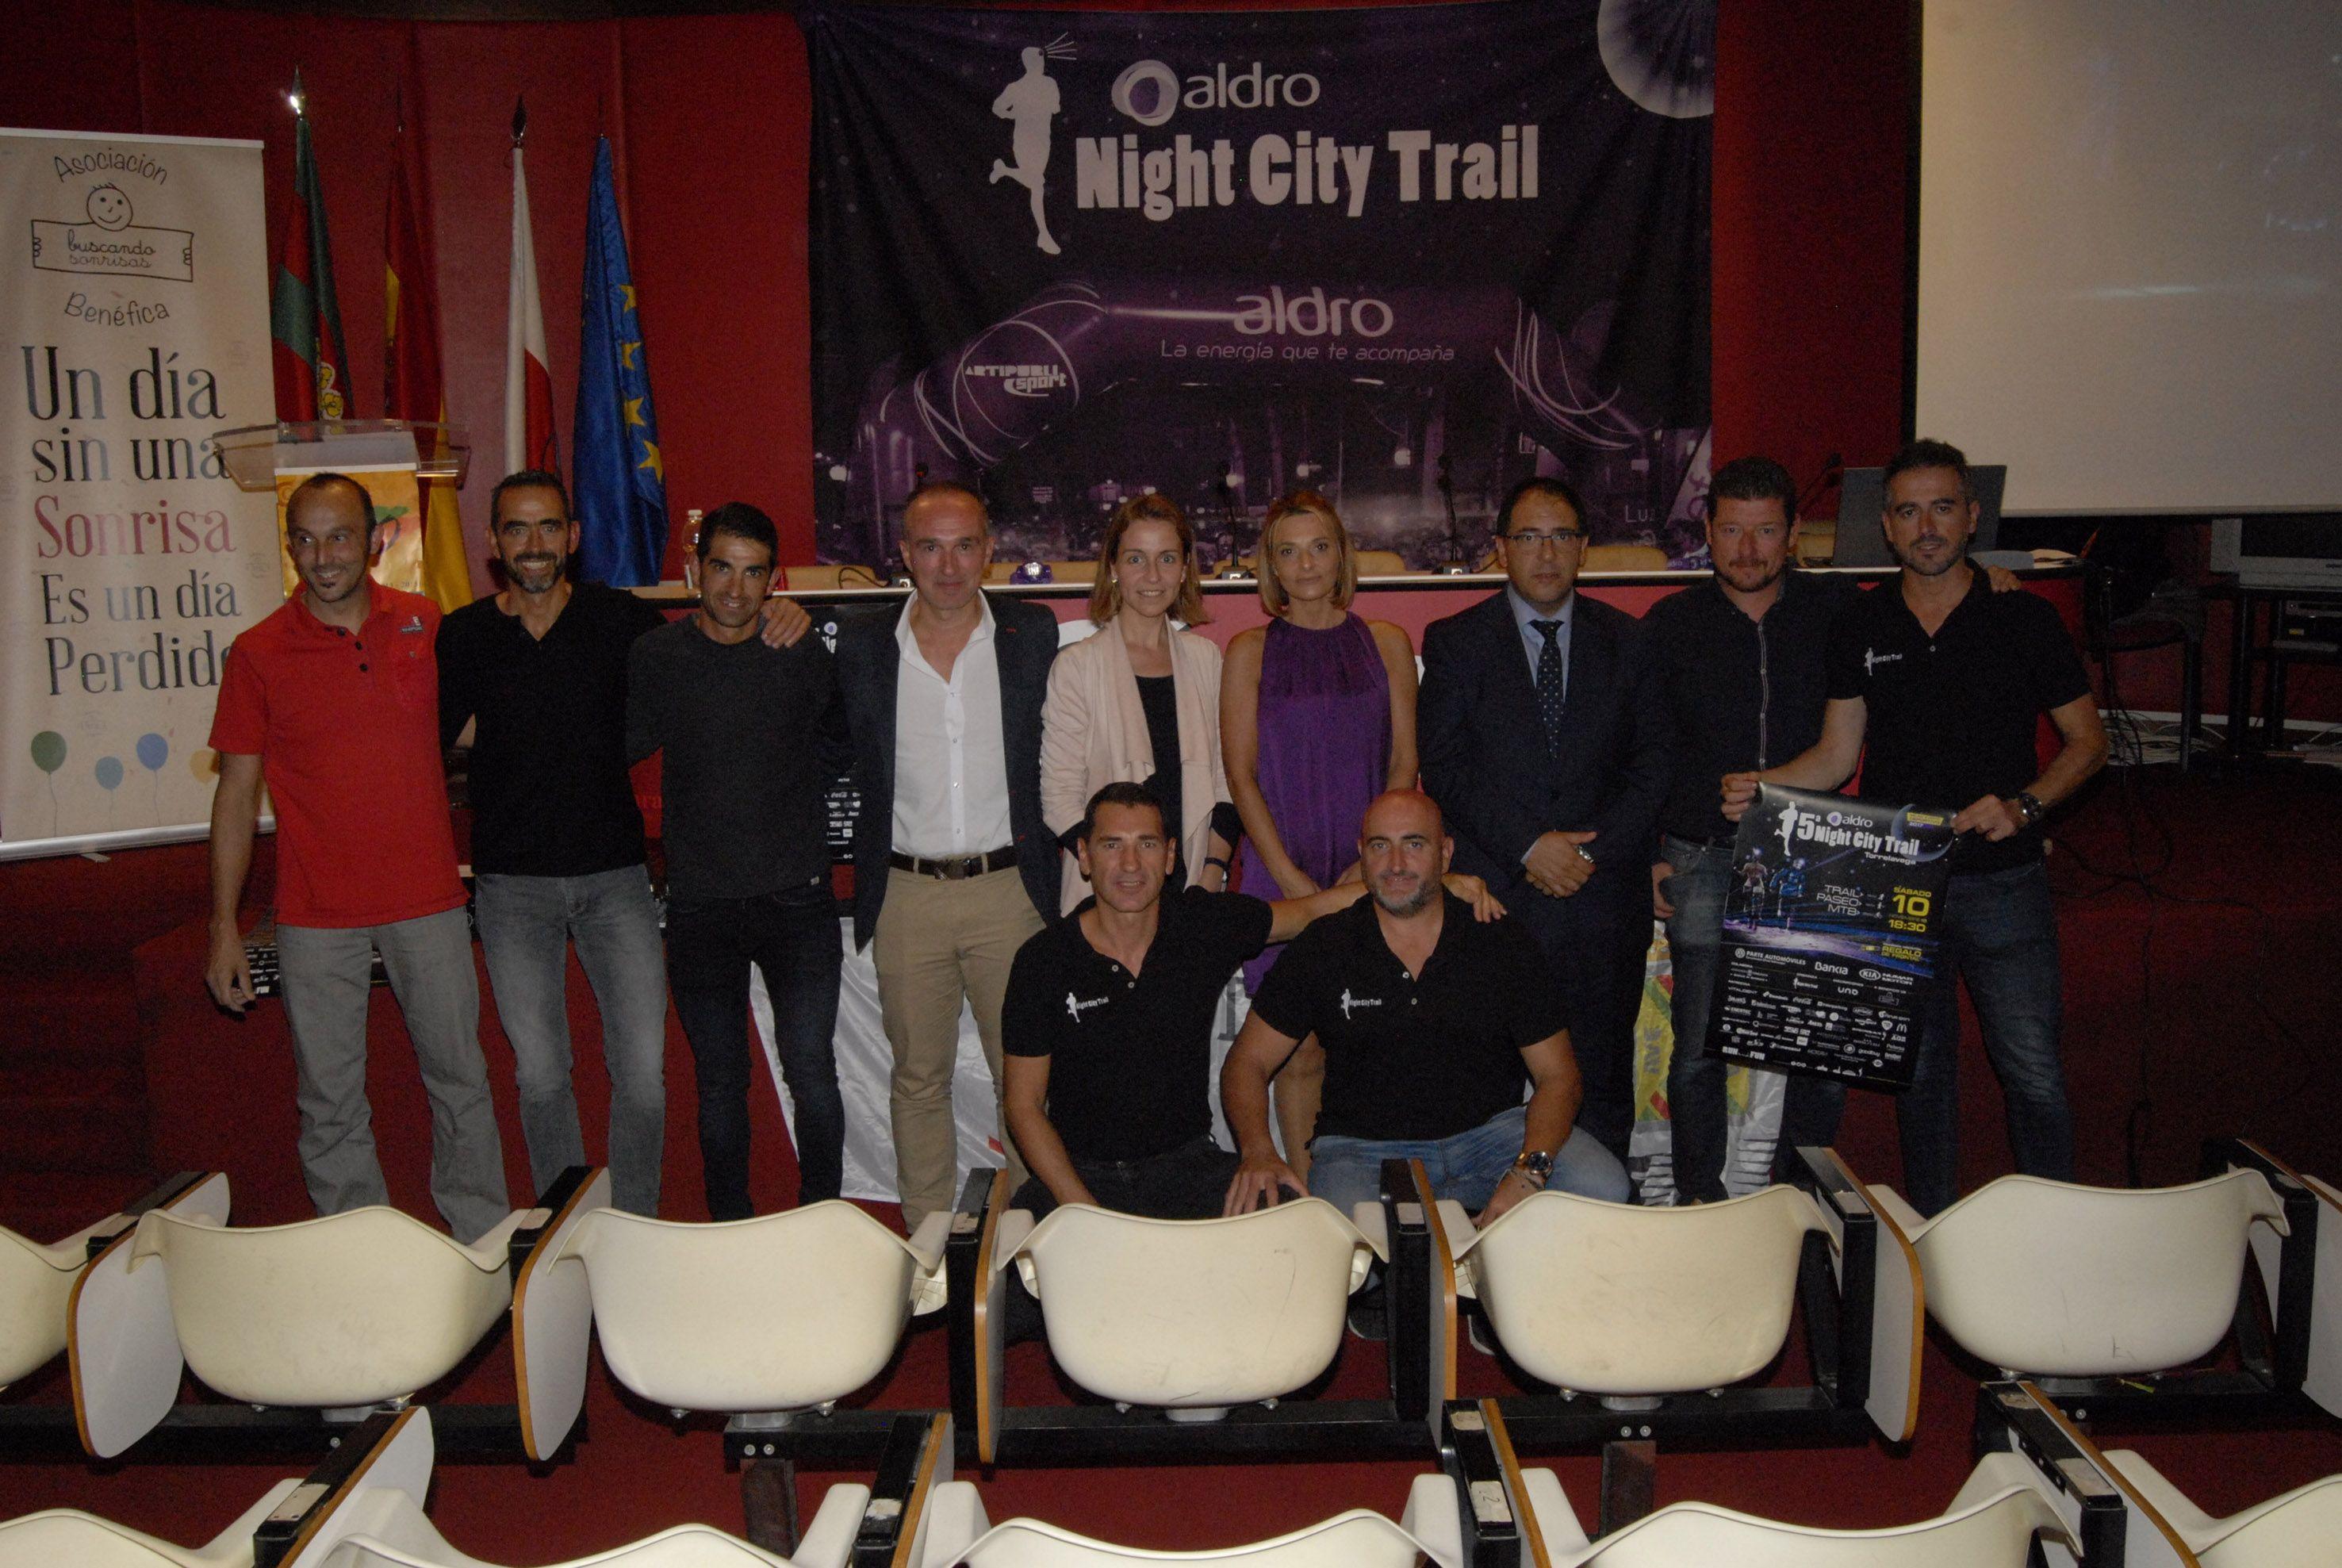 Fotografia Aldro Energía Carrera Aldro Night City Trail